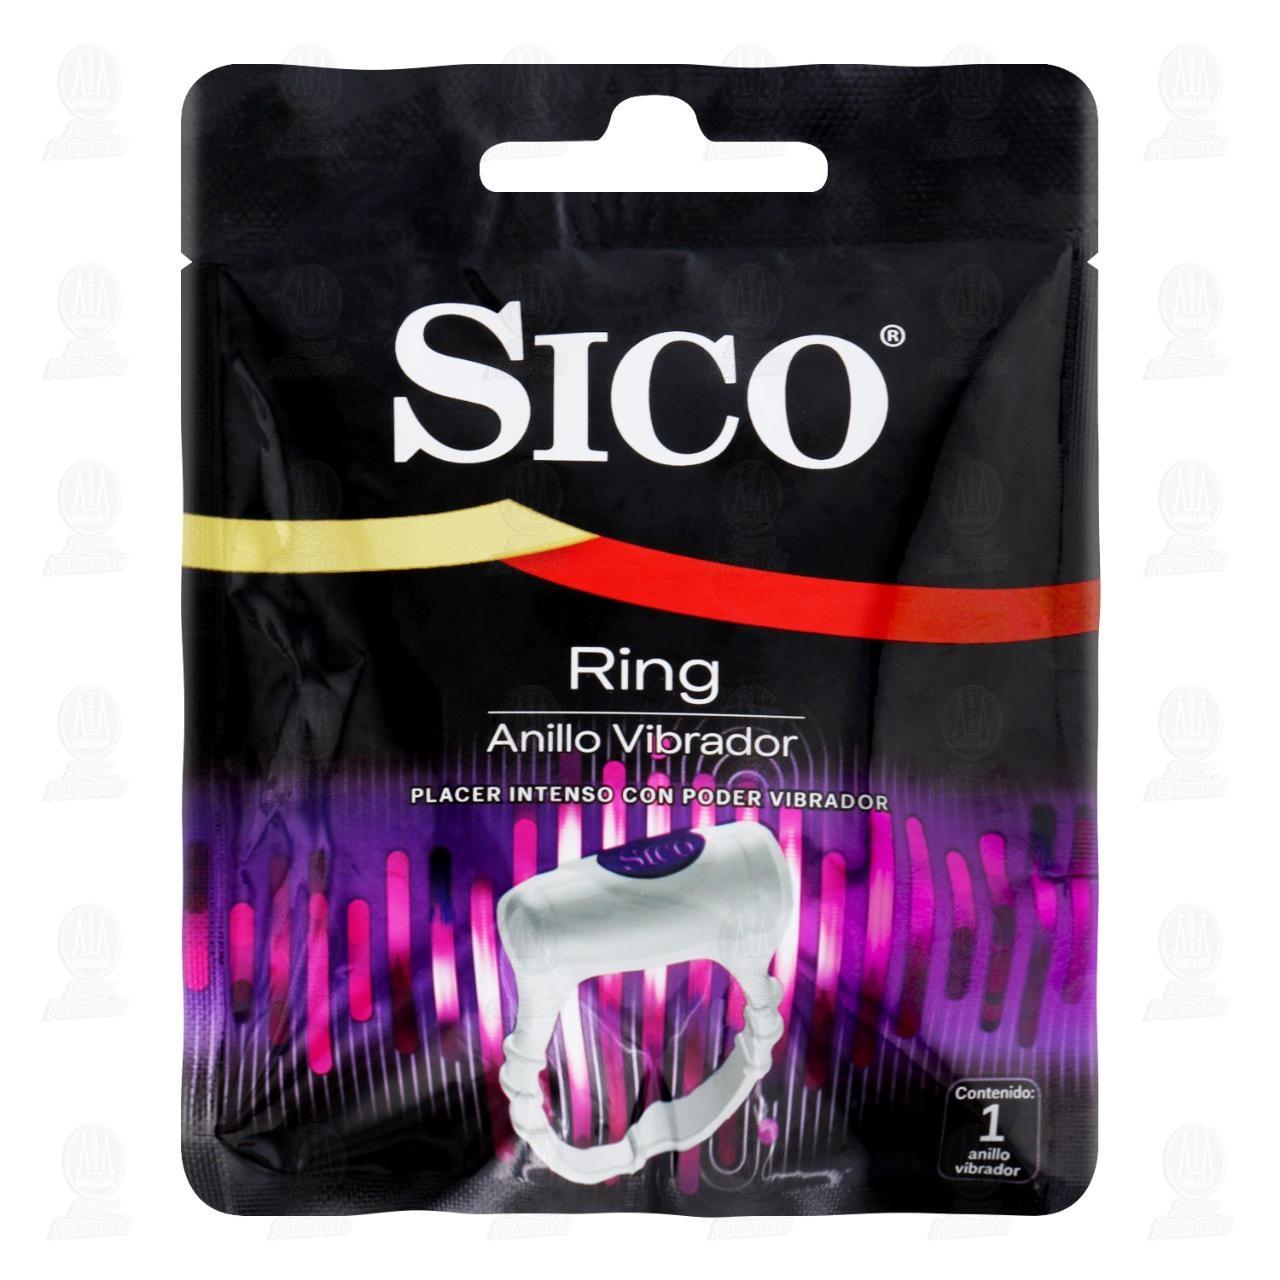 Comprar Sico Ring Anillo Vibrador 1pz en Farmacias Guadalajara